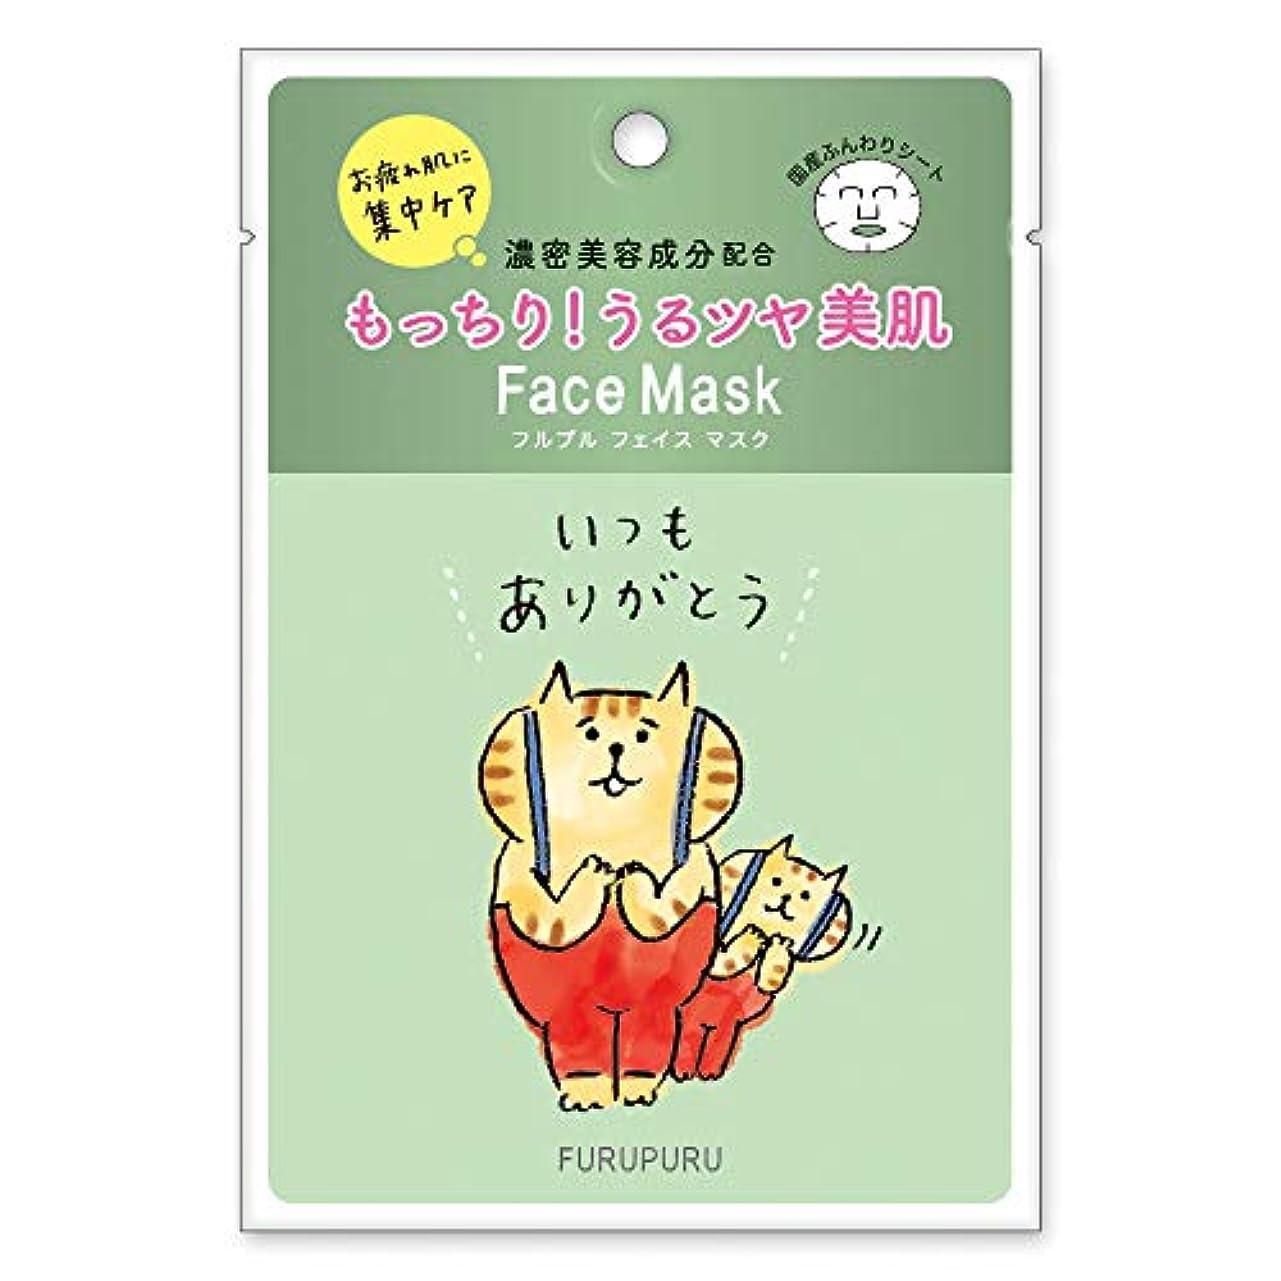 すりタイプ硬さフルプルフェイスマスク ごろごろにゃんすけ ありがとう やさしく香る天然ローズの香り 30g